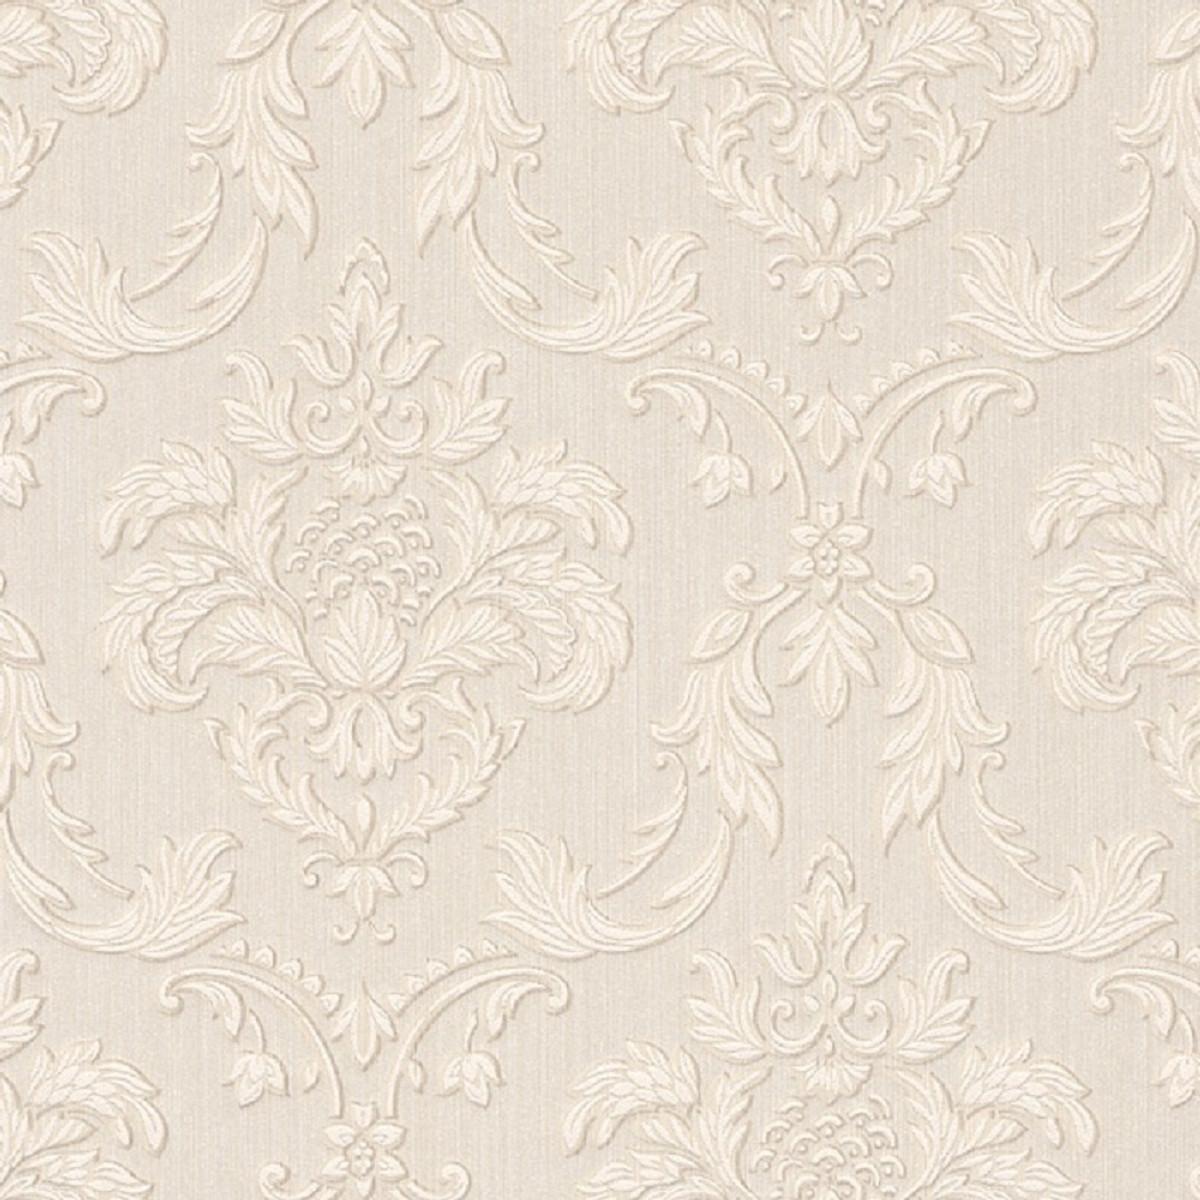 Casa Padrino Barock Textiltapete Creme / Beige / Weiß 10, 05 x 0, 53 m -  Wohnzimmer Tapete im Barockstil - Hochwertige Qualität